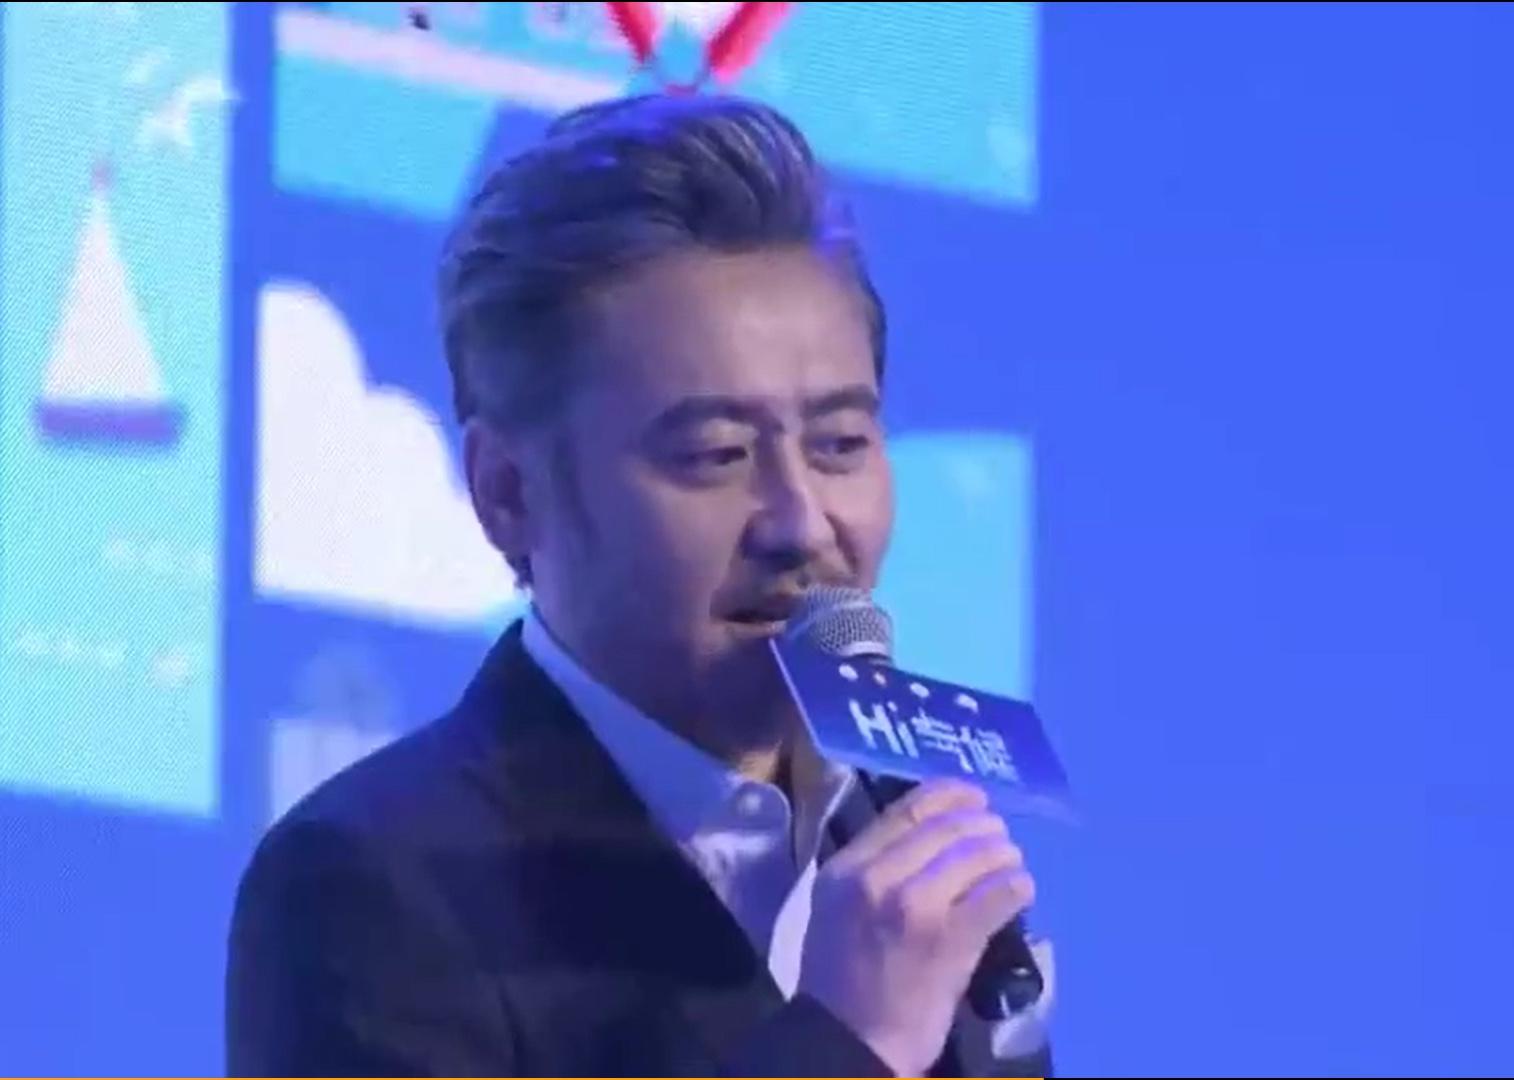 吴秀波大谈演技秘诀,大概是位可爱的哲学家吧!